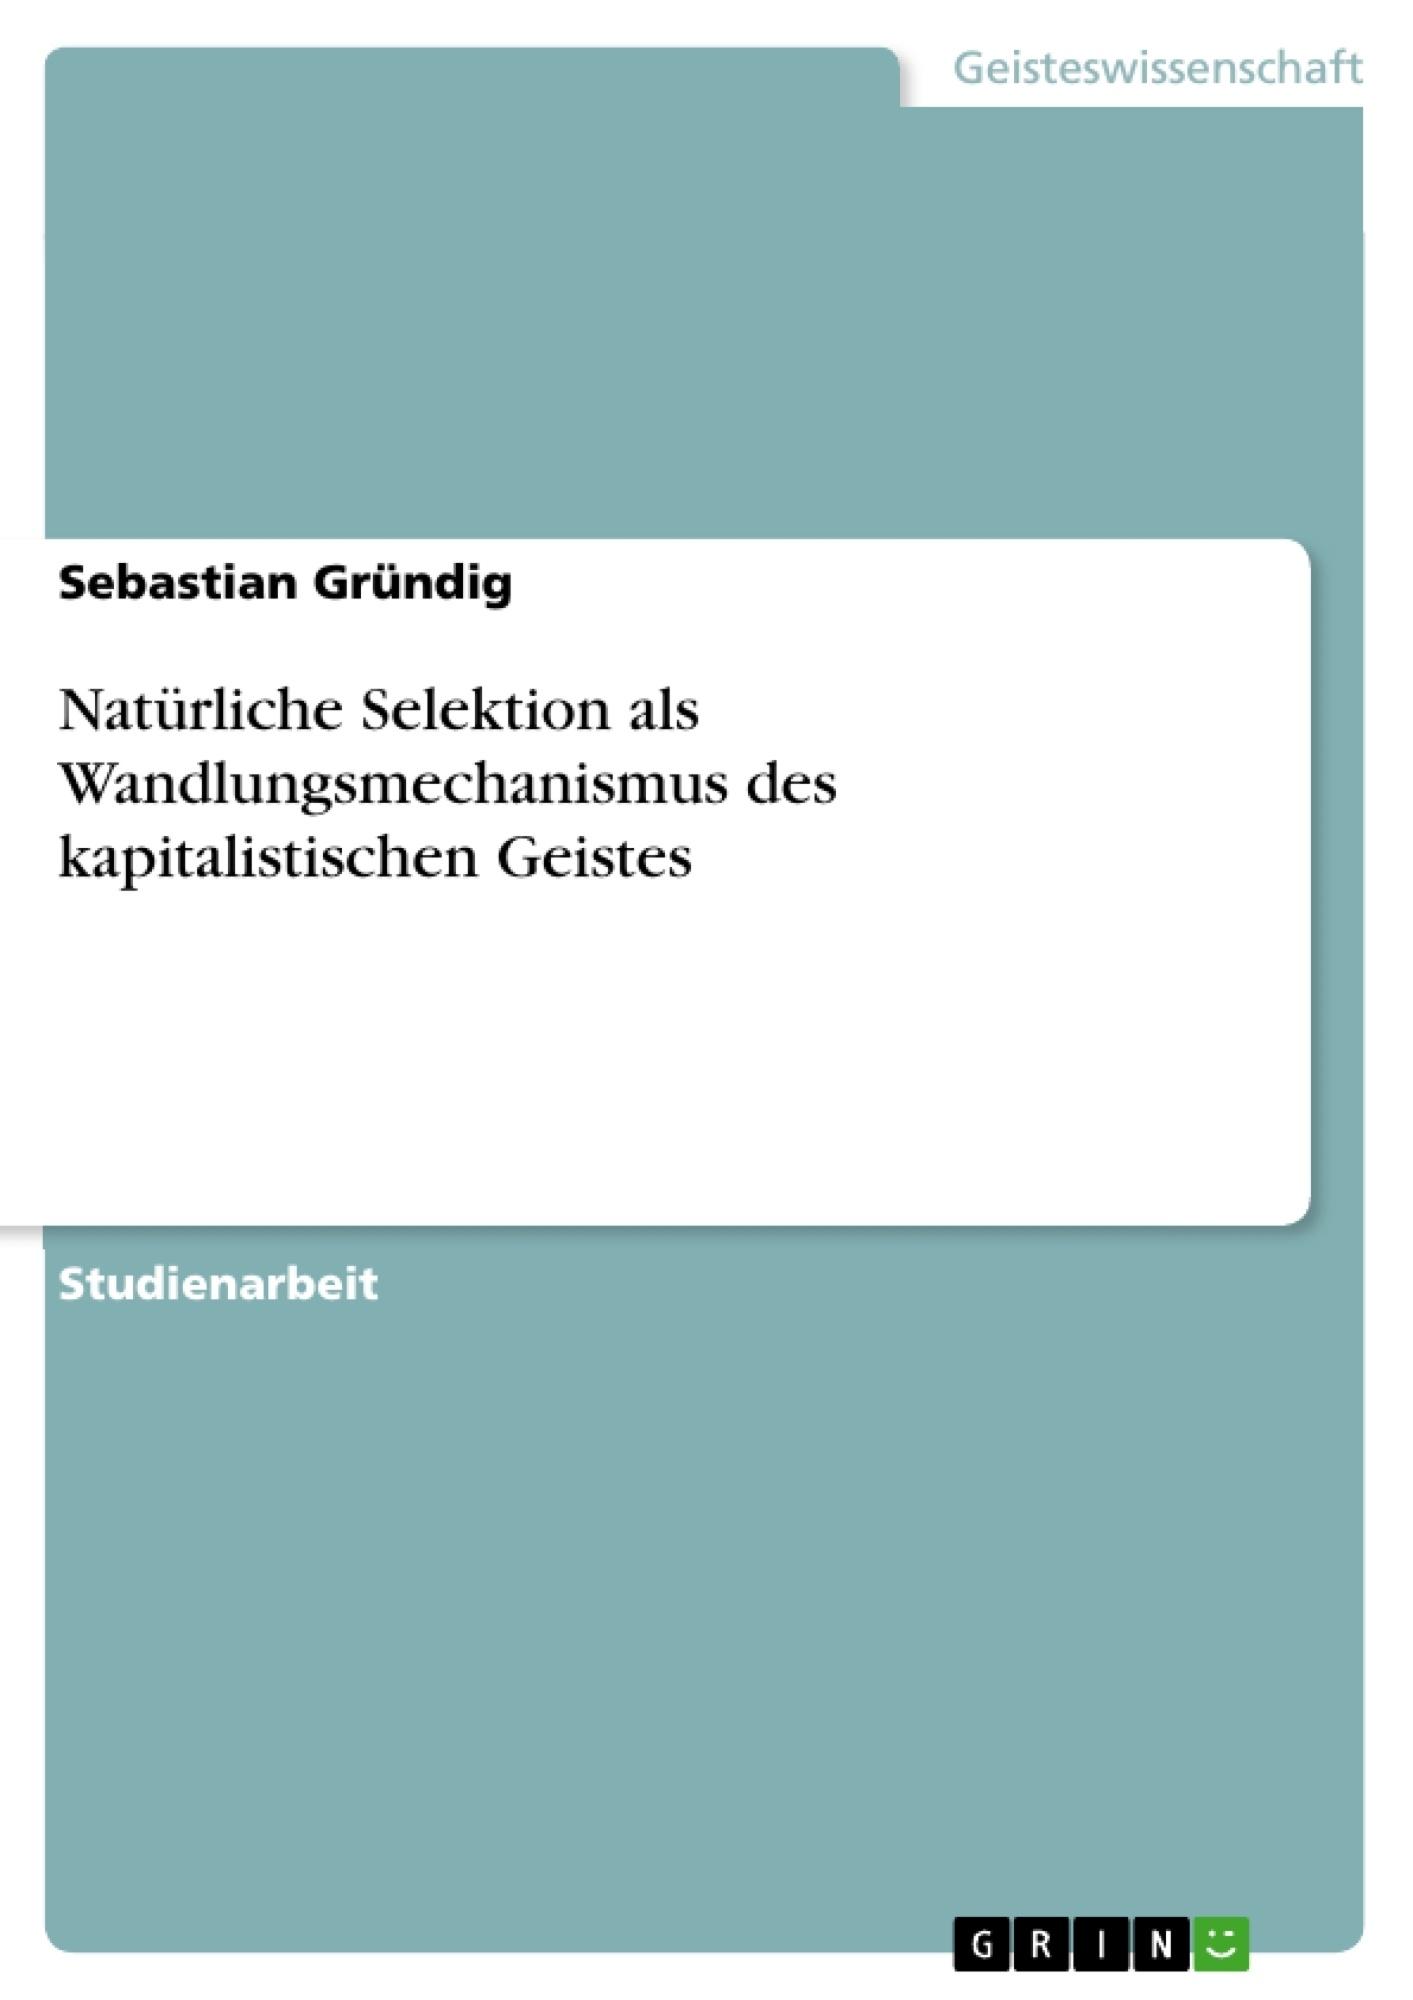 Titel: Natürliche Selektion als Wandlungsmechanismus des kapitalistischen Geistes